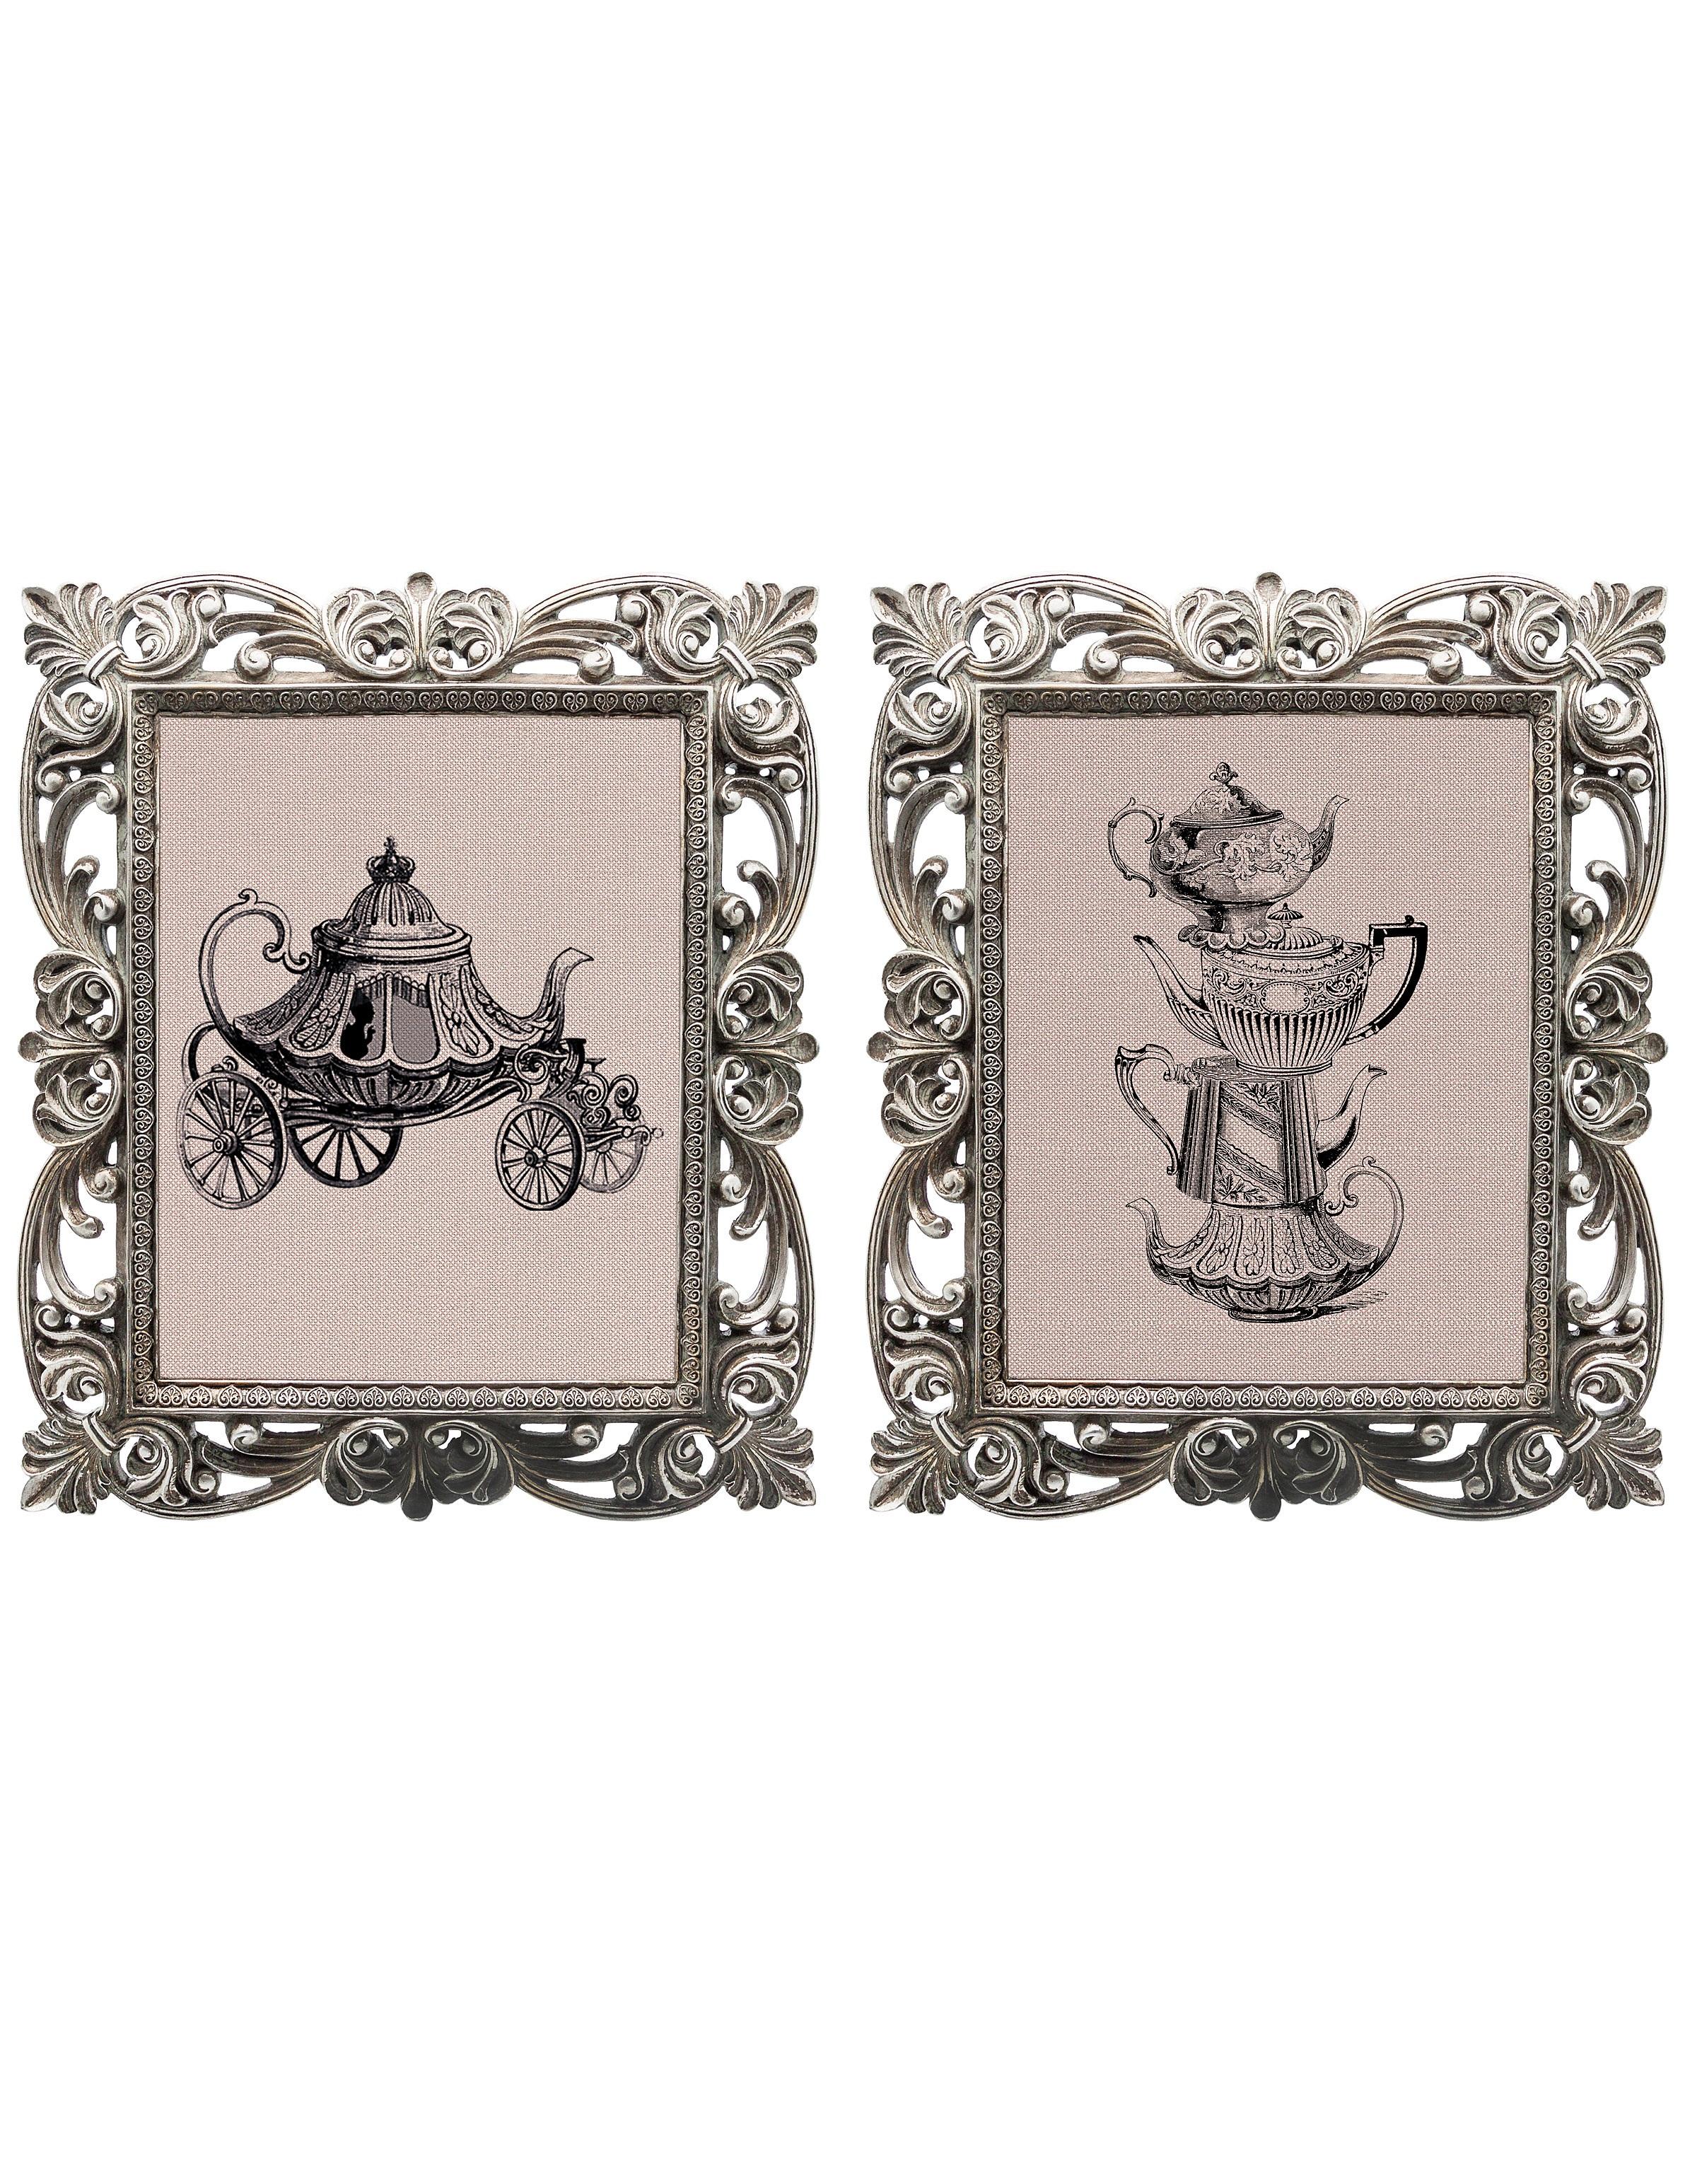 Набор из двух репродукций старинных картин в раме Беатрис. Чайный домикКартины<br>Пара старинных гравюр «Чайный домик» отпечатана на фоне, имитирующем небеленый холст, и вставлена в резные рамки «Беатрис». Любителям винтажных интерьеров такие стилизованные рисунки придутся кстати. Можно их повесить на стену на кухне и в гостиной или поставить на каминную полку. При желании изображения в рамах можно заменить. Обрамления окрашены в серебристый оттенок и покрыты слоем благородной патины, которая усиливает романтичный ретро-эффект.<br><br>Material: Камень<br>Width см: 30<br>Depth см: 2,3<br>Height см: 35